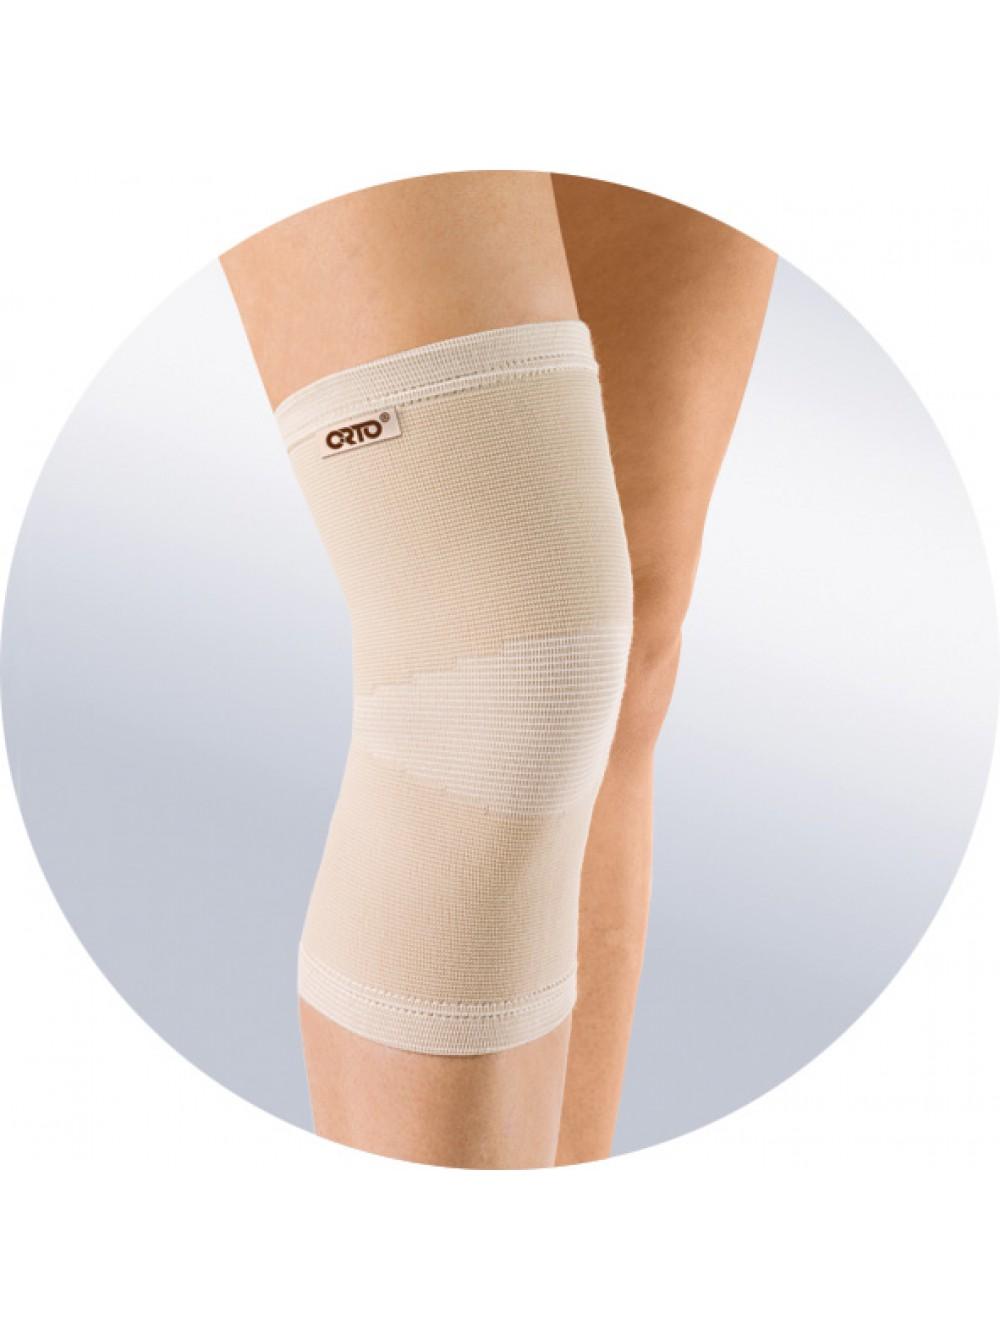 Закрепление колена эластичным поясом